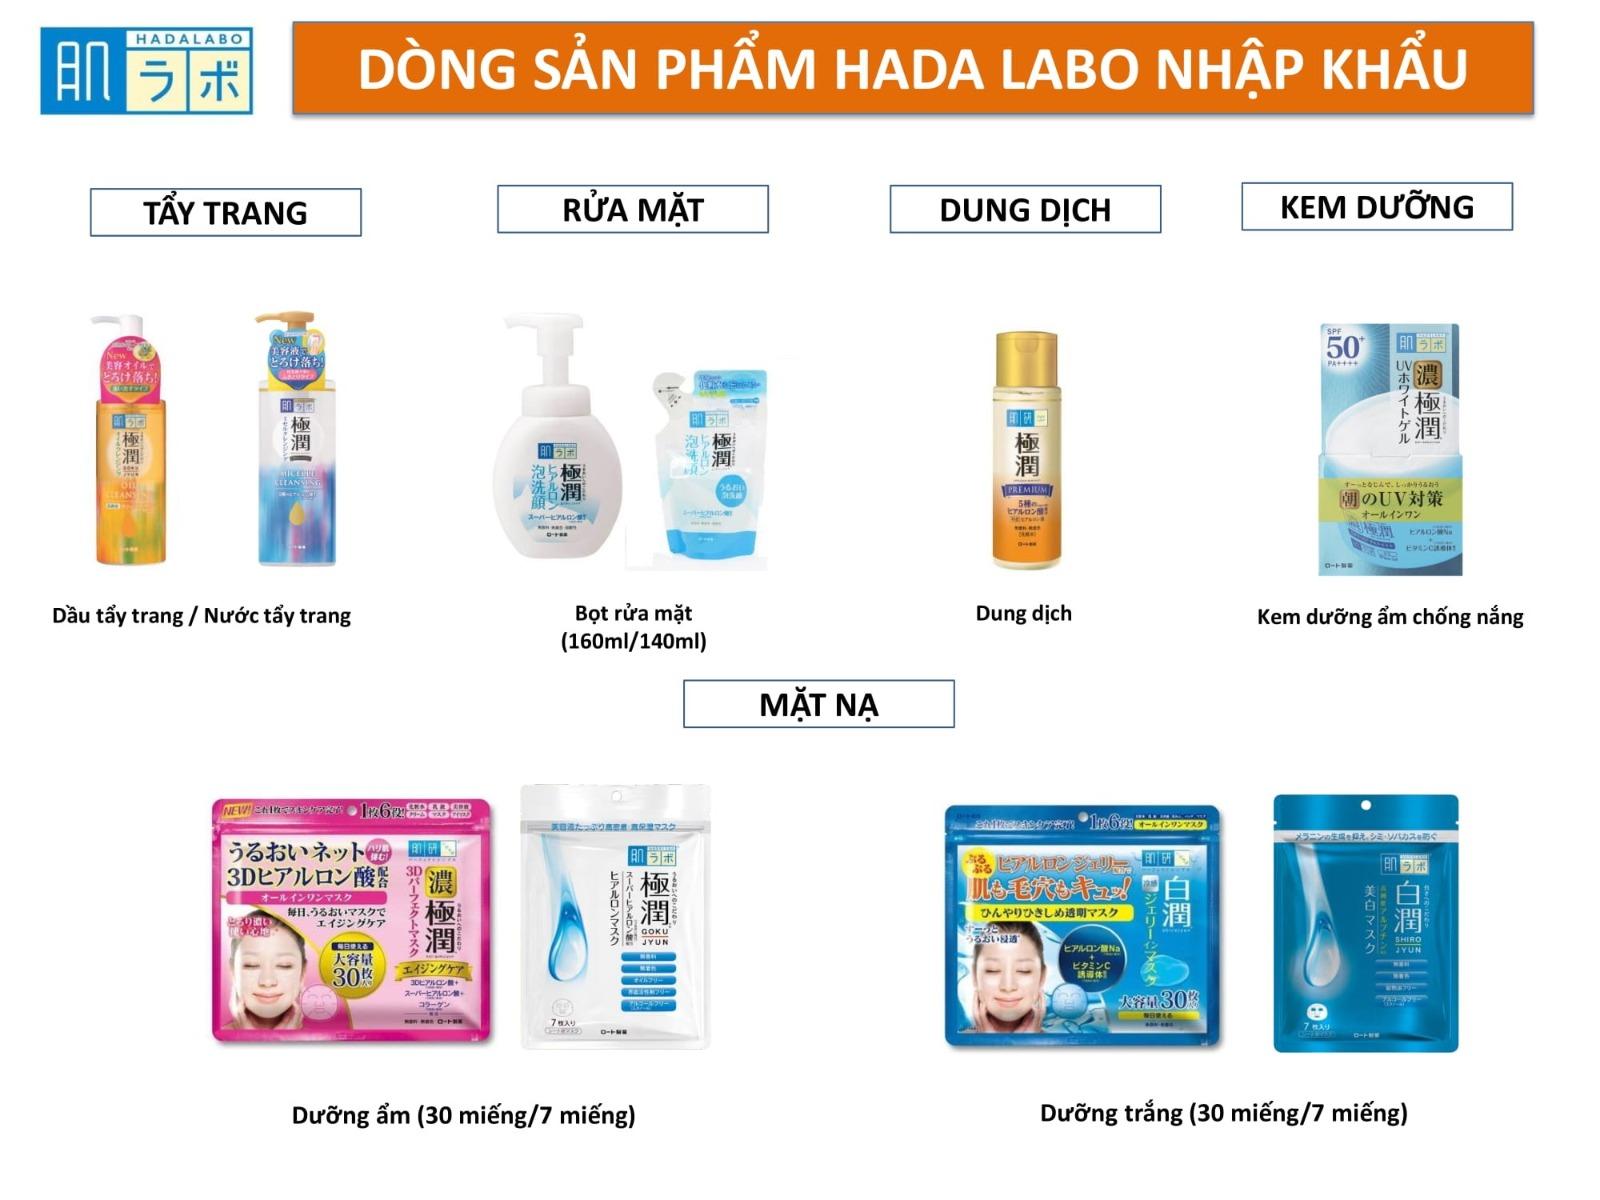 Dòng sản phẩm Hada Labo nhập khẩu trực tiếp từ Nhật Bản